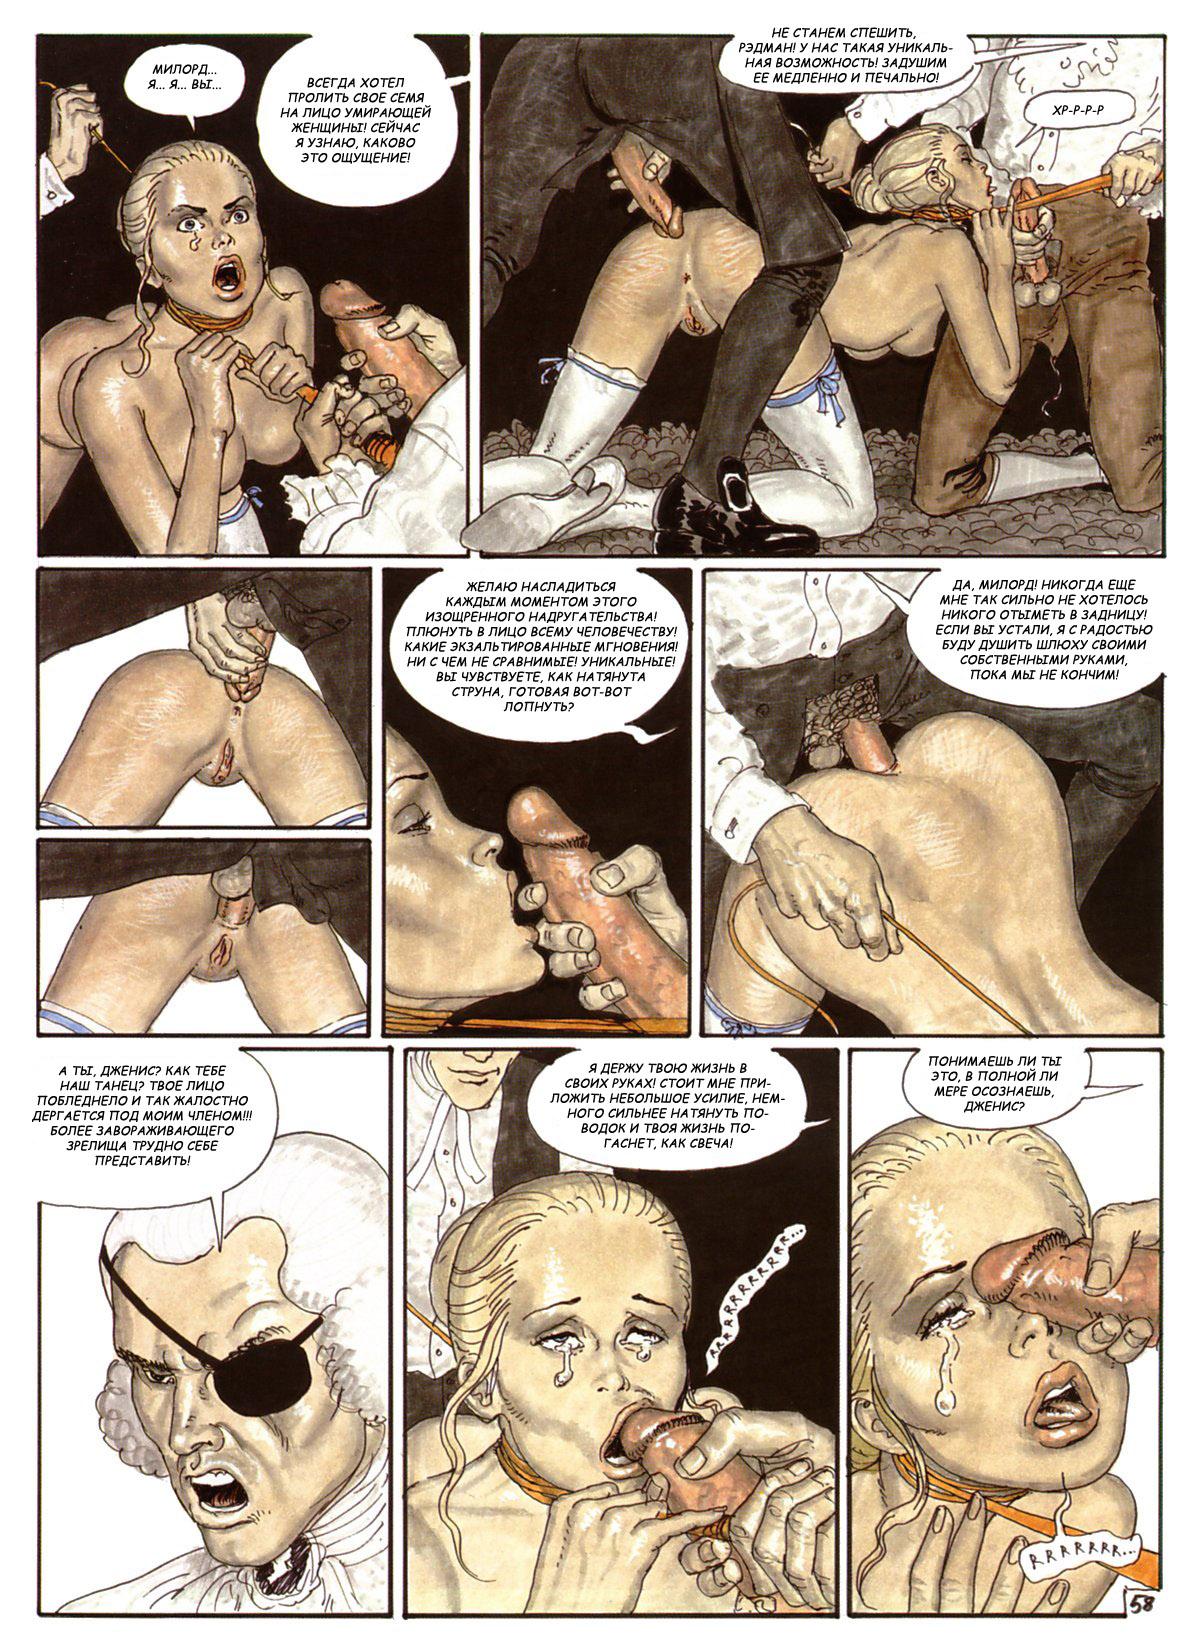 Порно всем человечеством